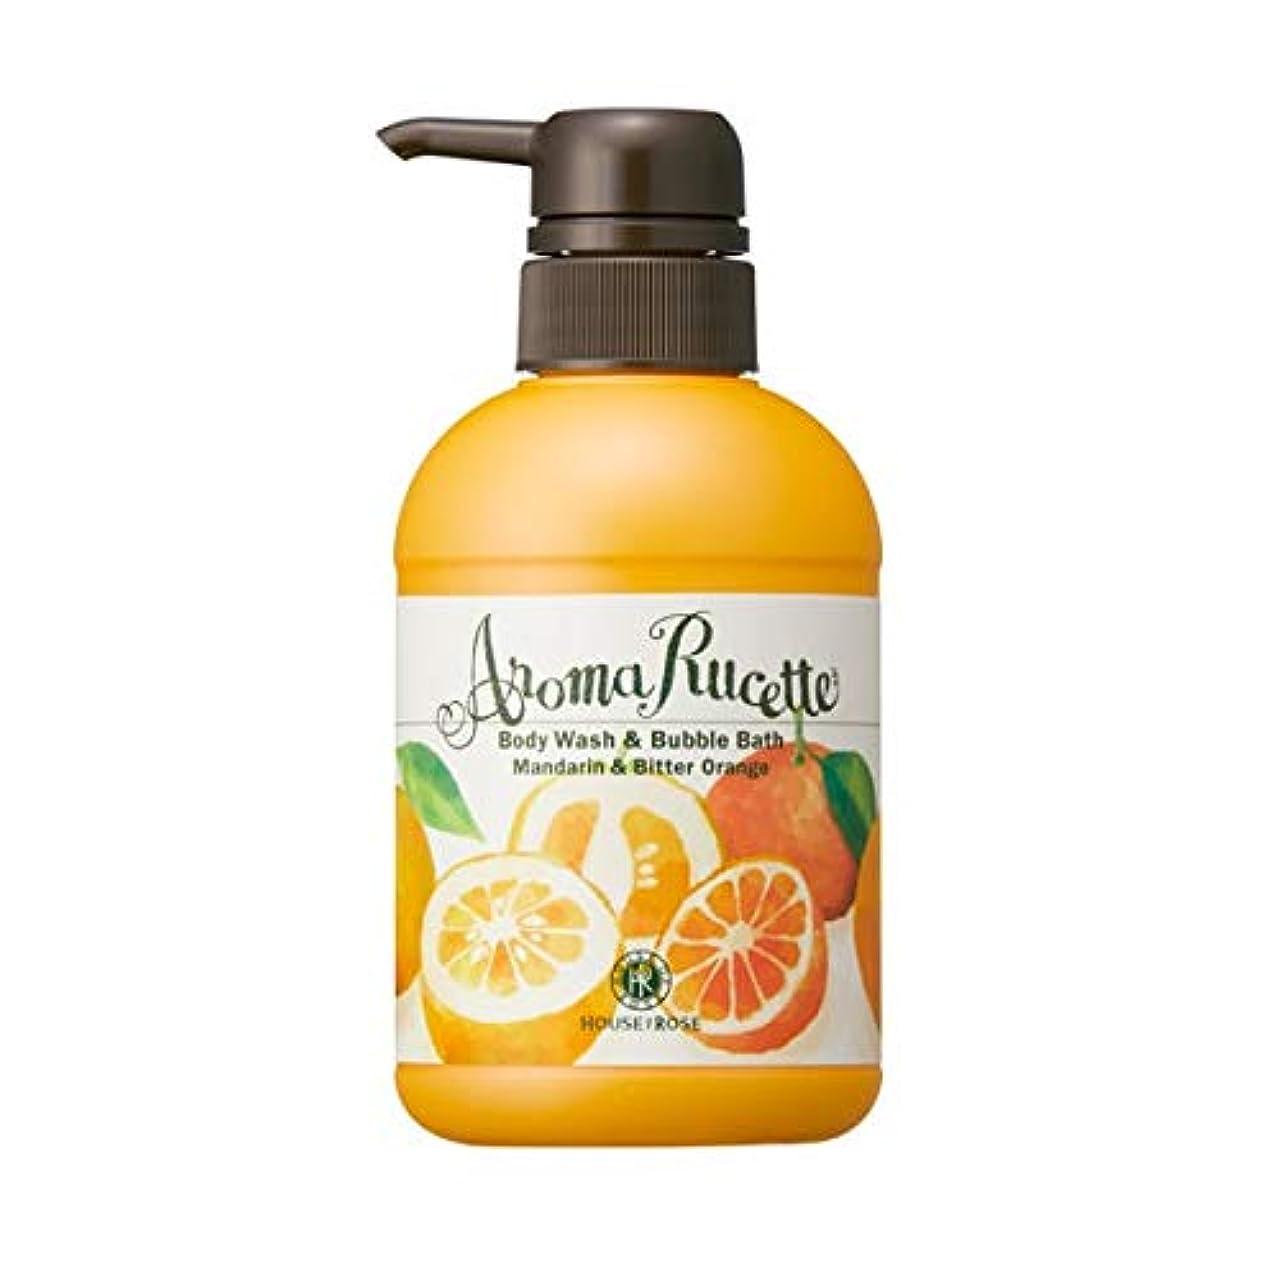 くちばし従順盟主HOUSE OF ROSE(ハウスオブローゼ) ハウスオブローゼ/アロマルセット ボディウォッシュ&バブルバス MD&BO(マンダリン&ビターオレンジの香り)350mL